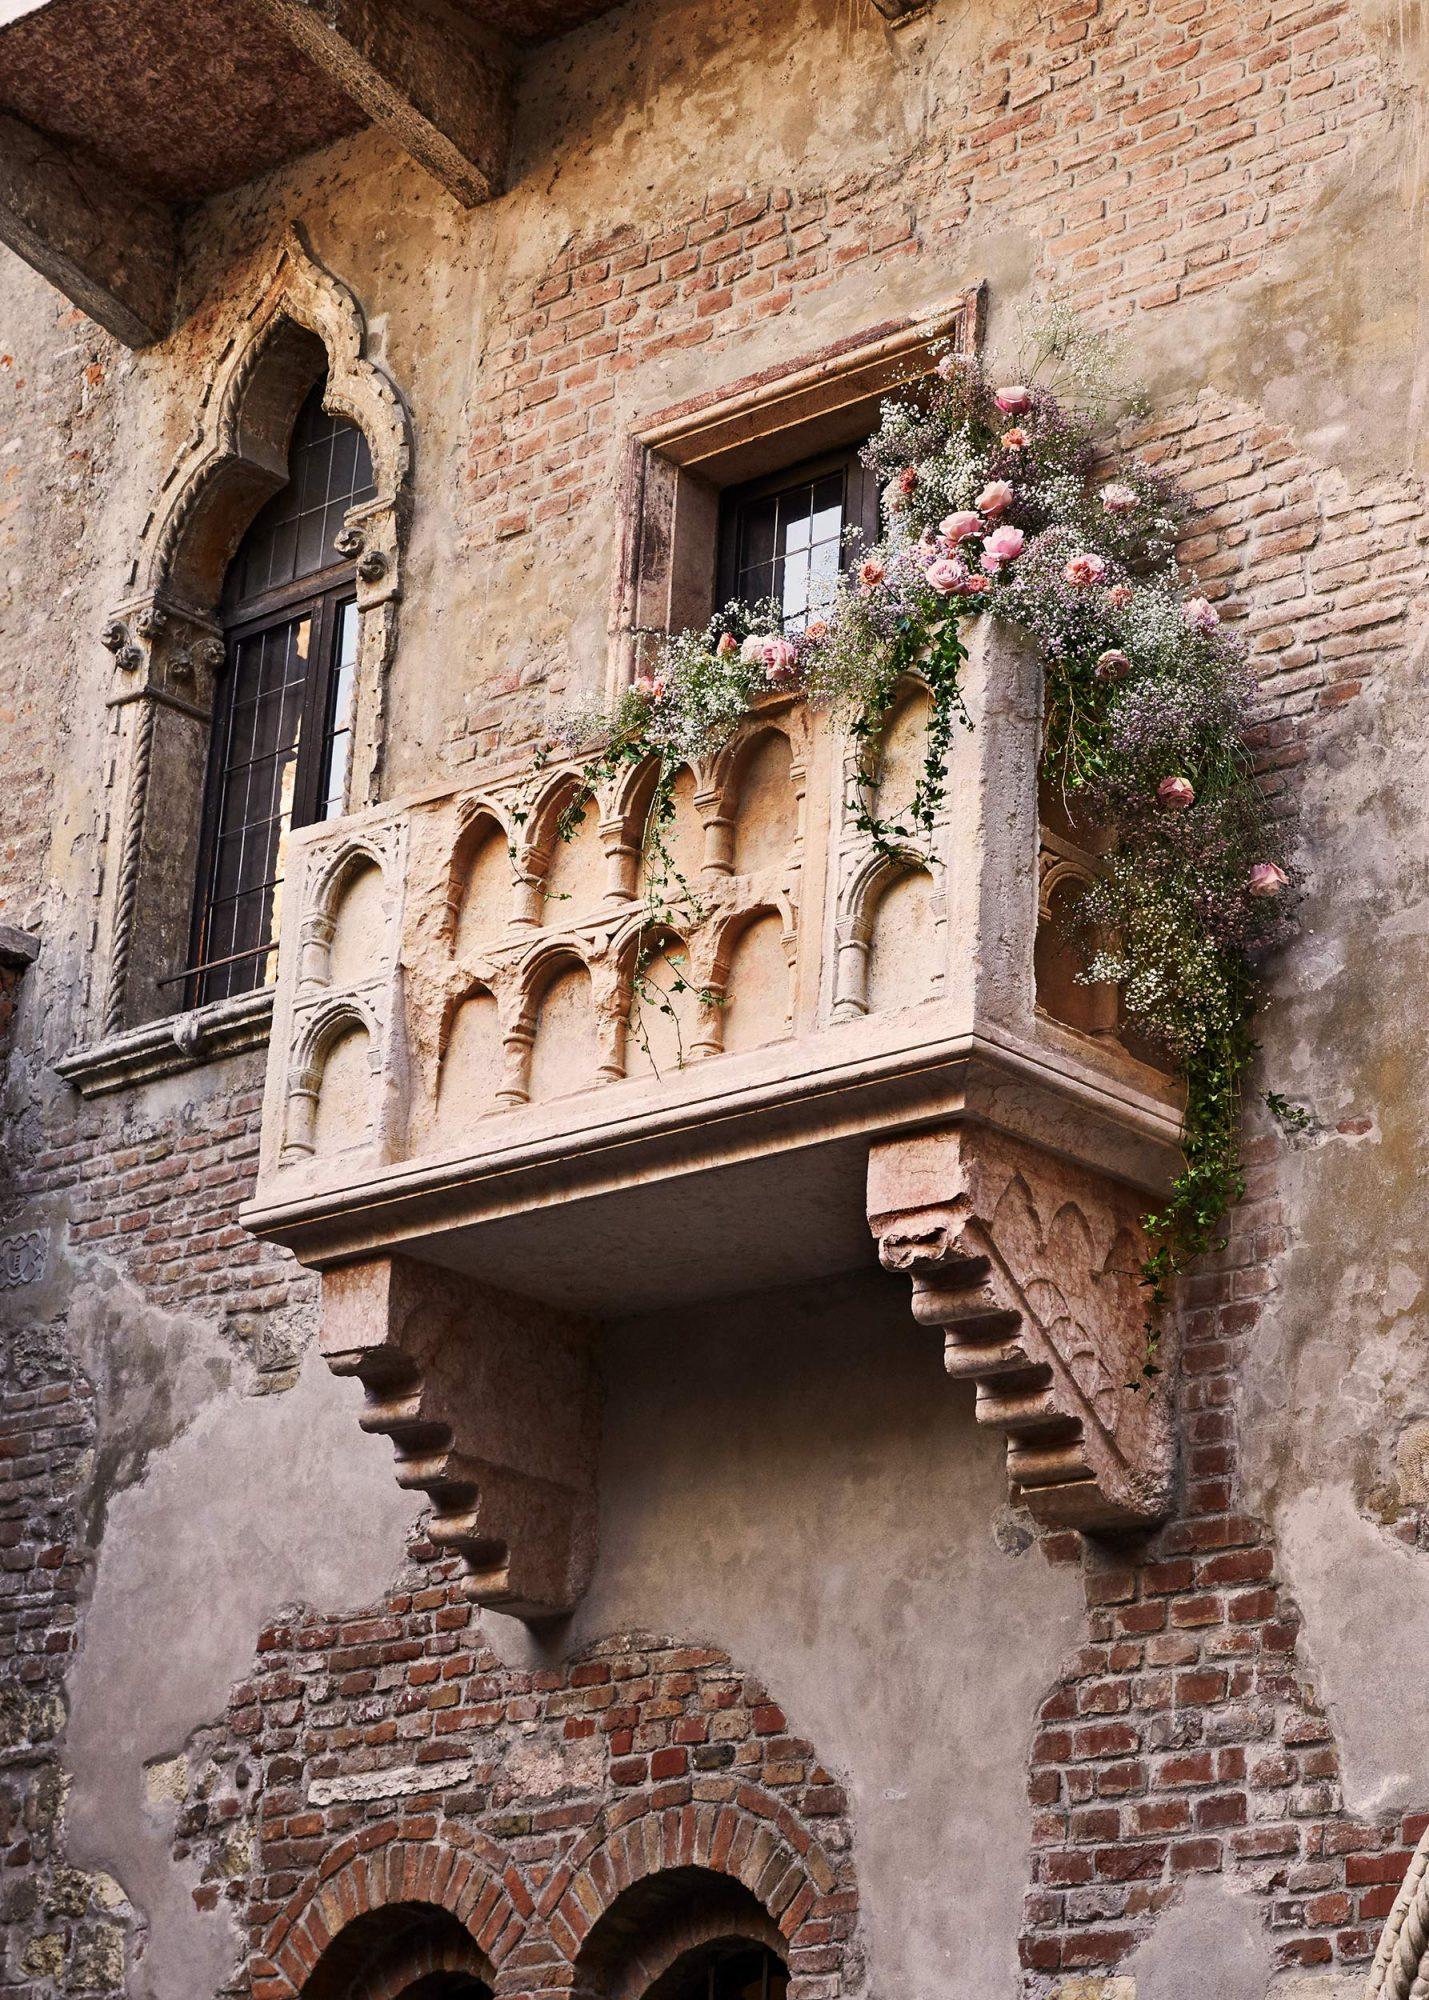 casa de romeo y julieta en verona italia